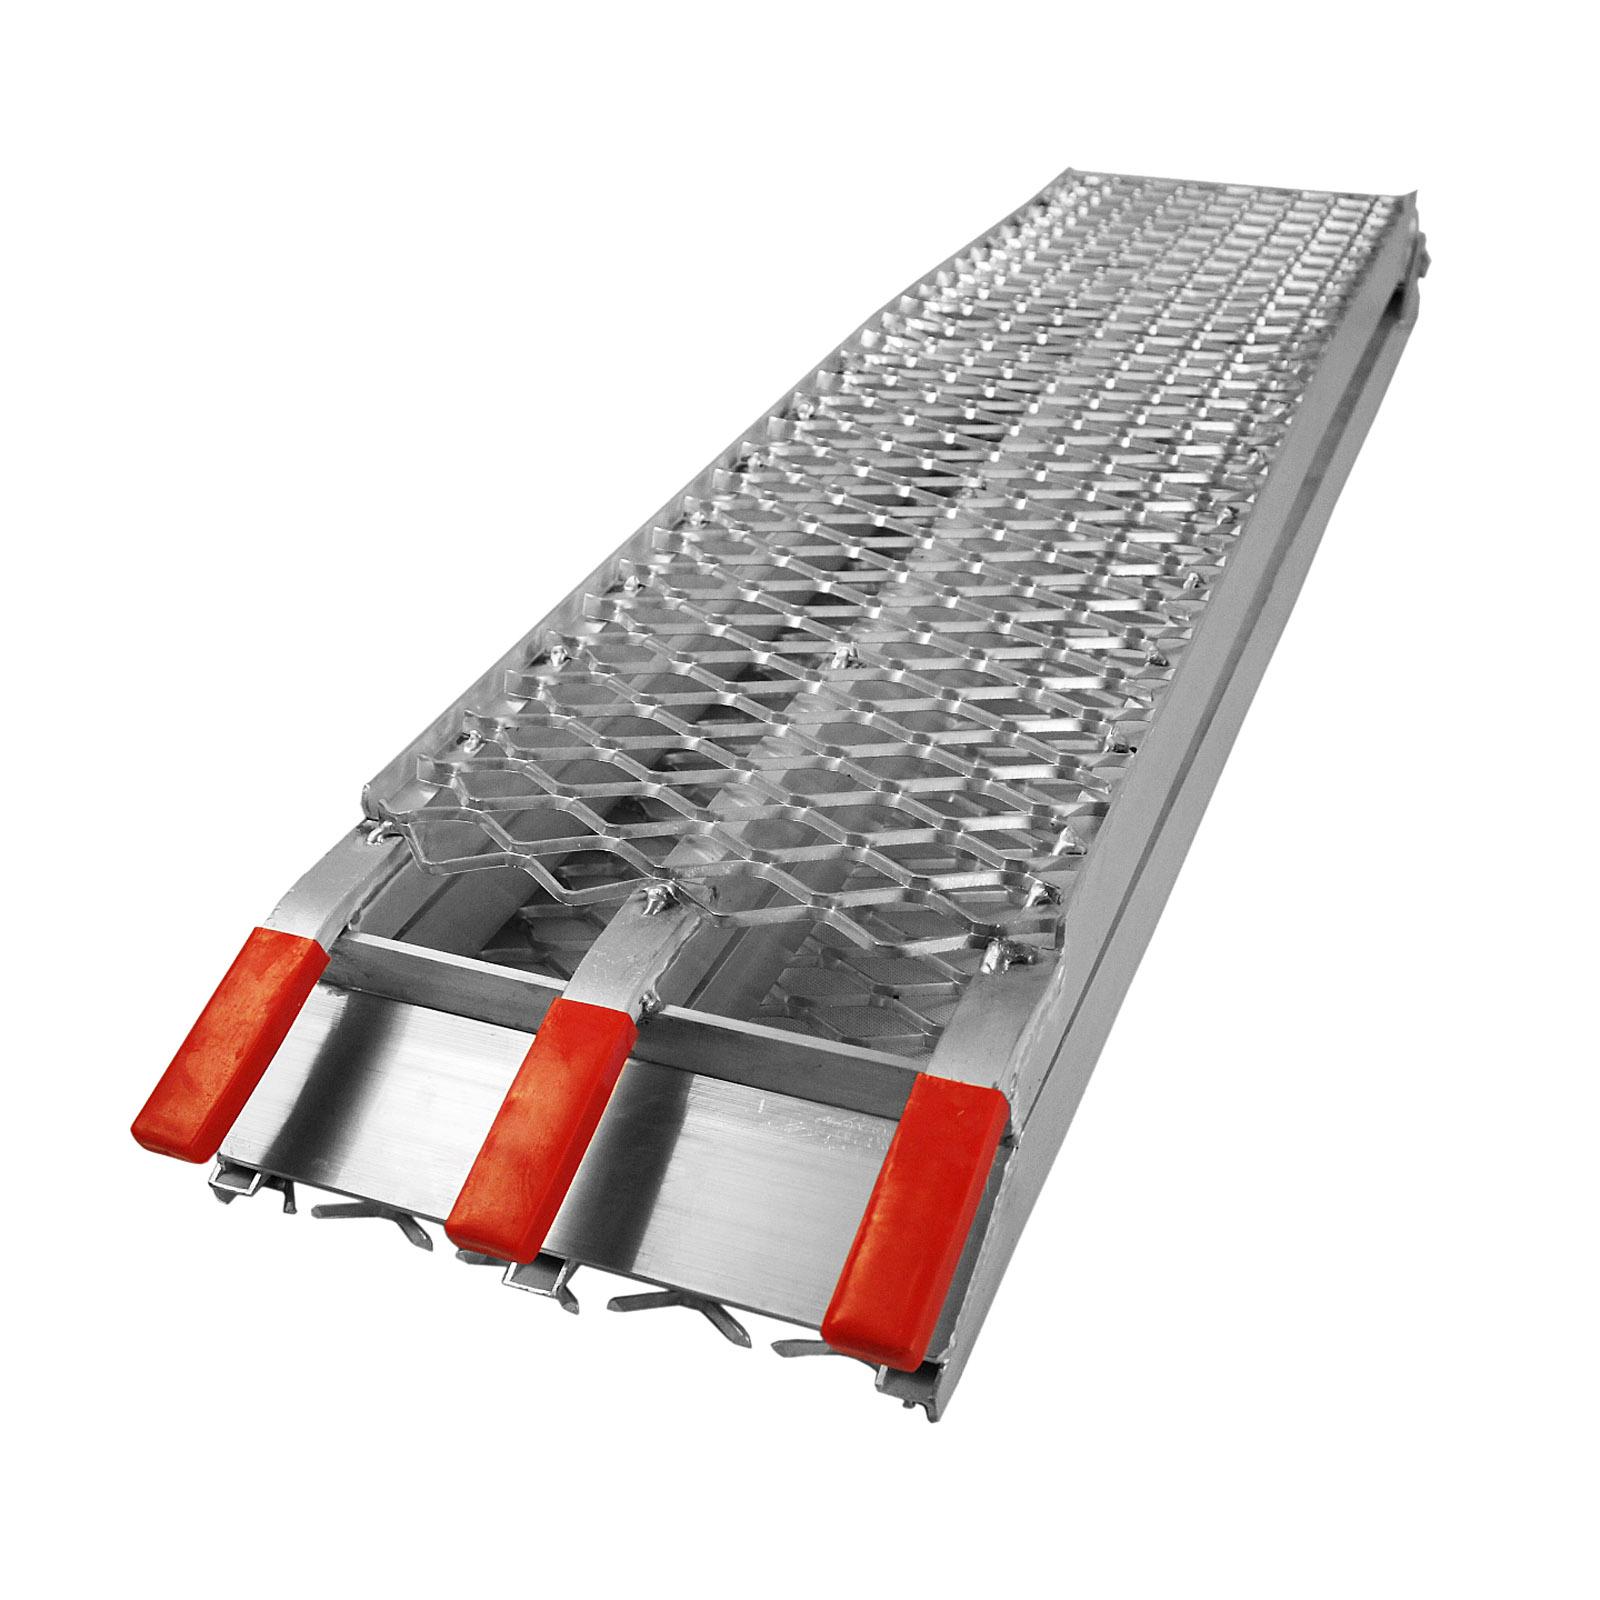 rampe fauteuil roulant rampe d 39 acc s 244 cm 270kg 2x. Black Bedroom Furniture Sets. Home Design Ideas